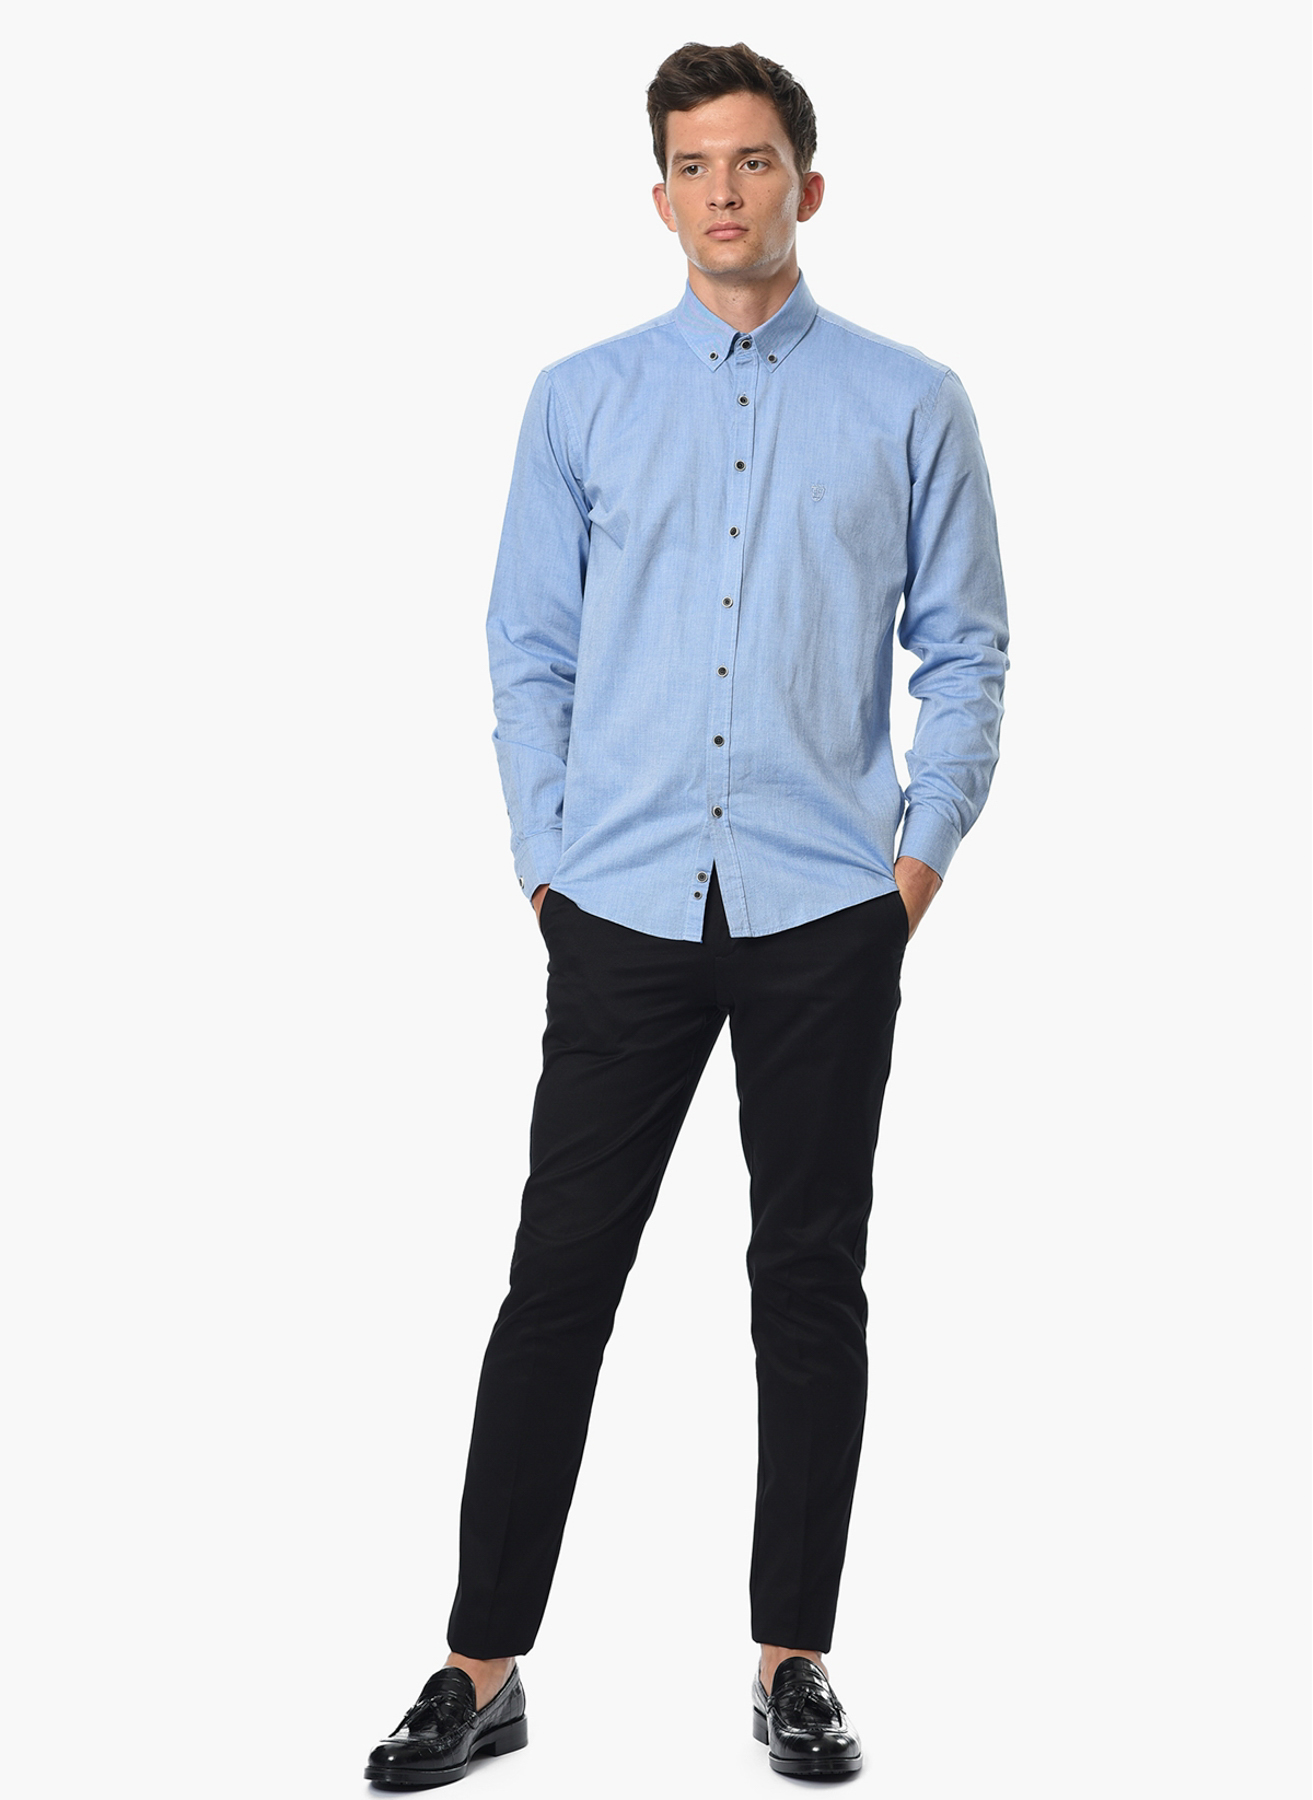 George Hogg Armürlü Siyah Klasik Pantolon 52-6 5001699243004 Ürün Resmi